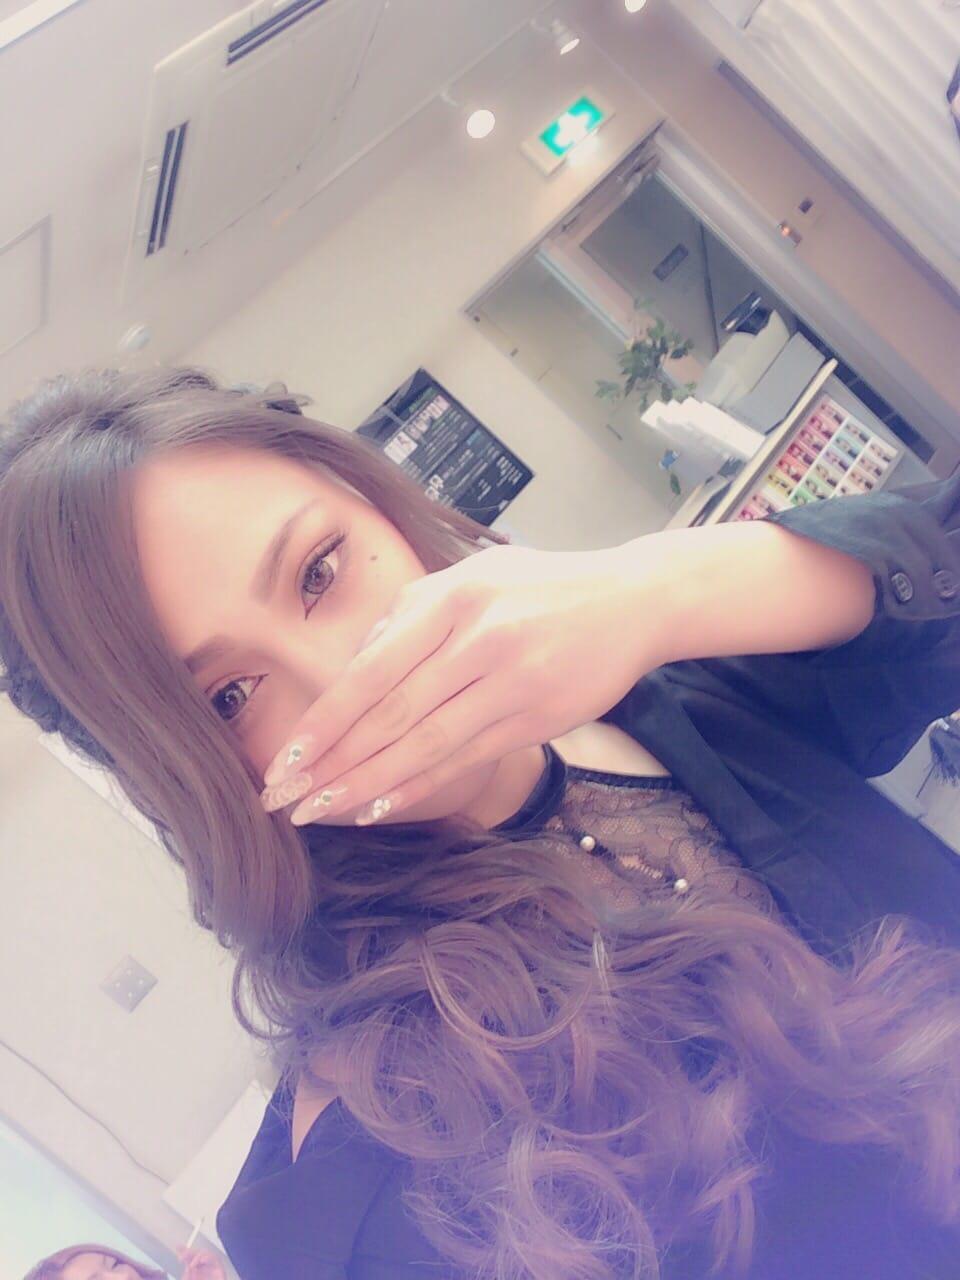 「おはようございます」04/08(日) 17:28 | あっちゃんの写メ・風俗動画